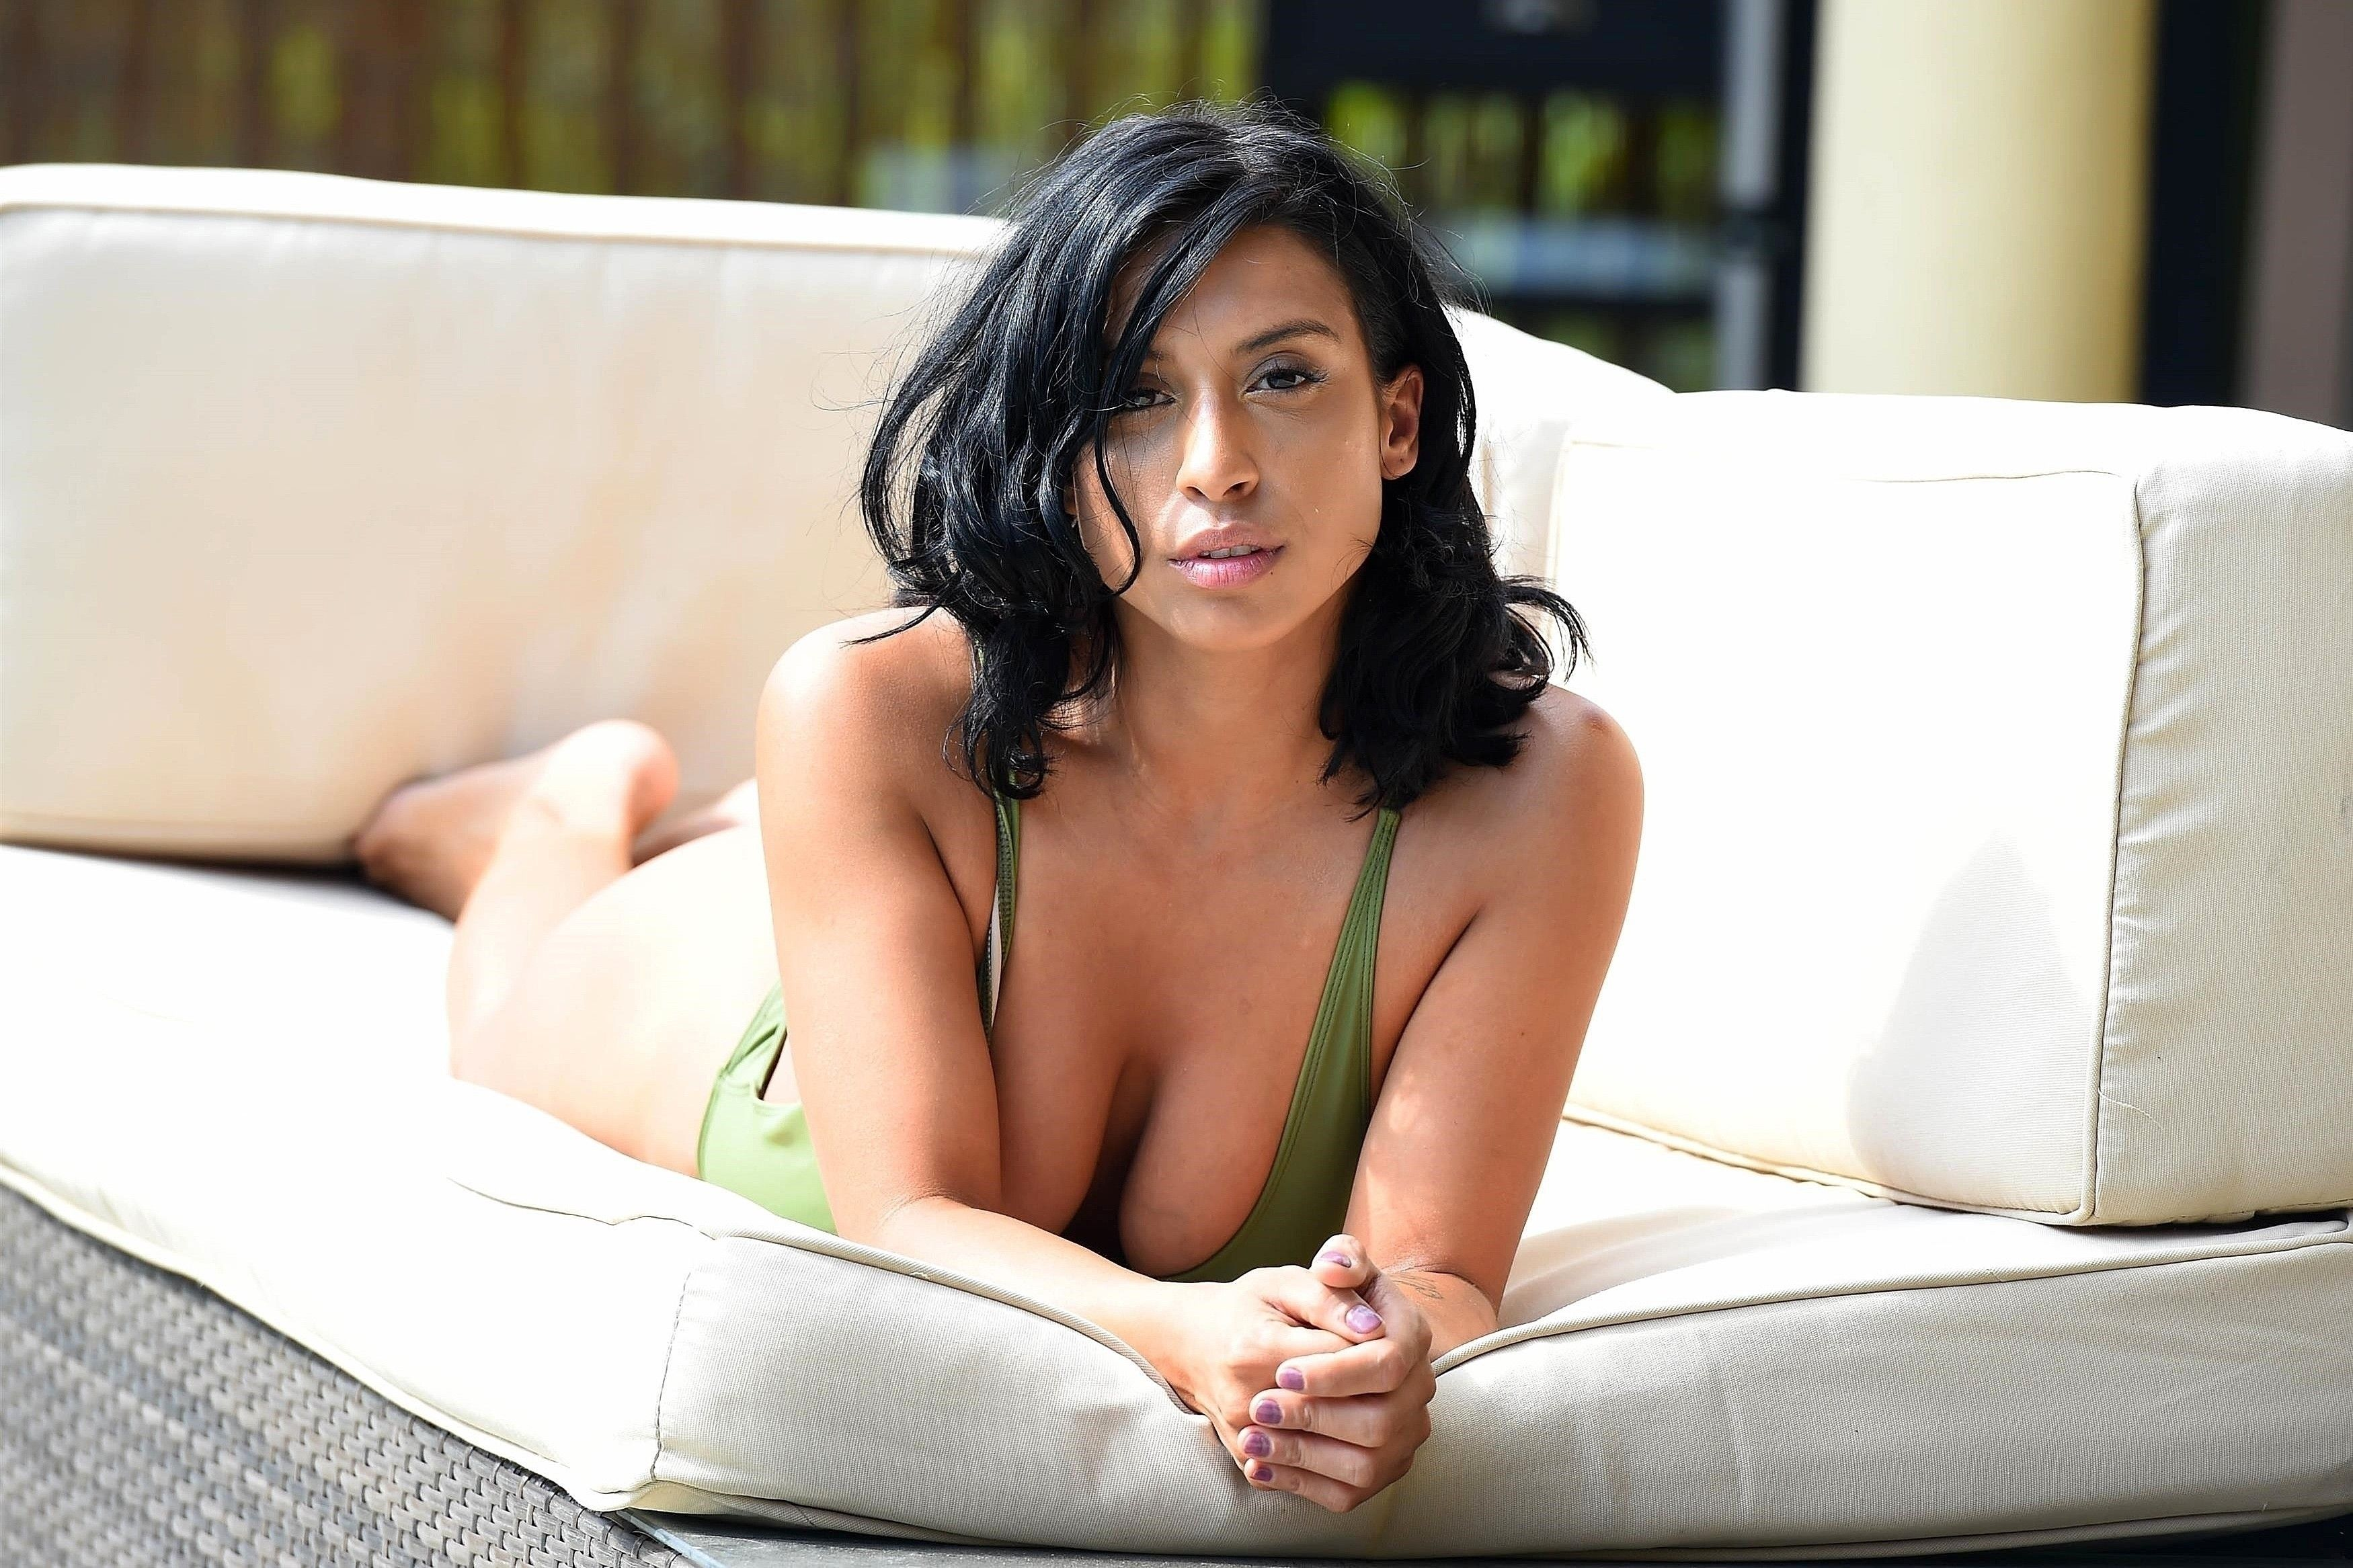 Montia Sabbag Montiah Sabagg Photos Harts Adult Video